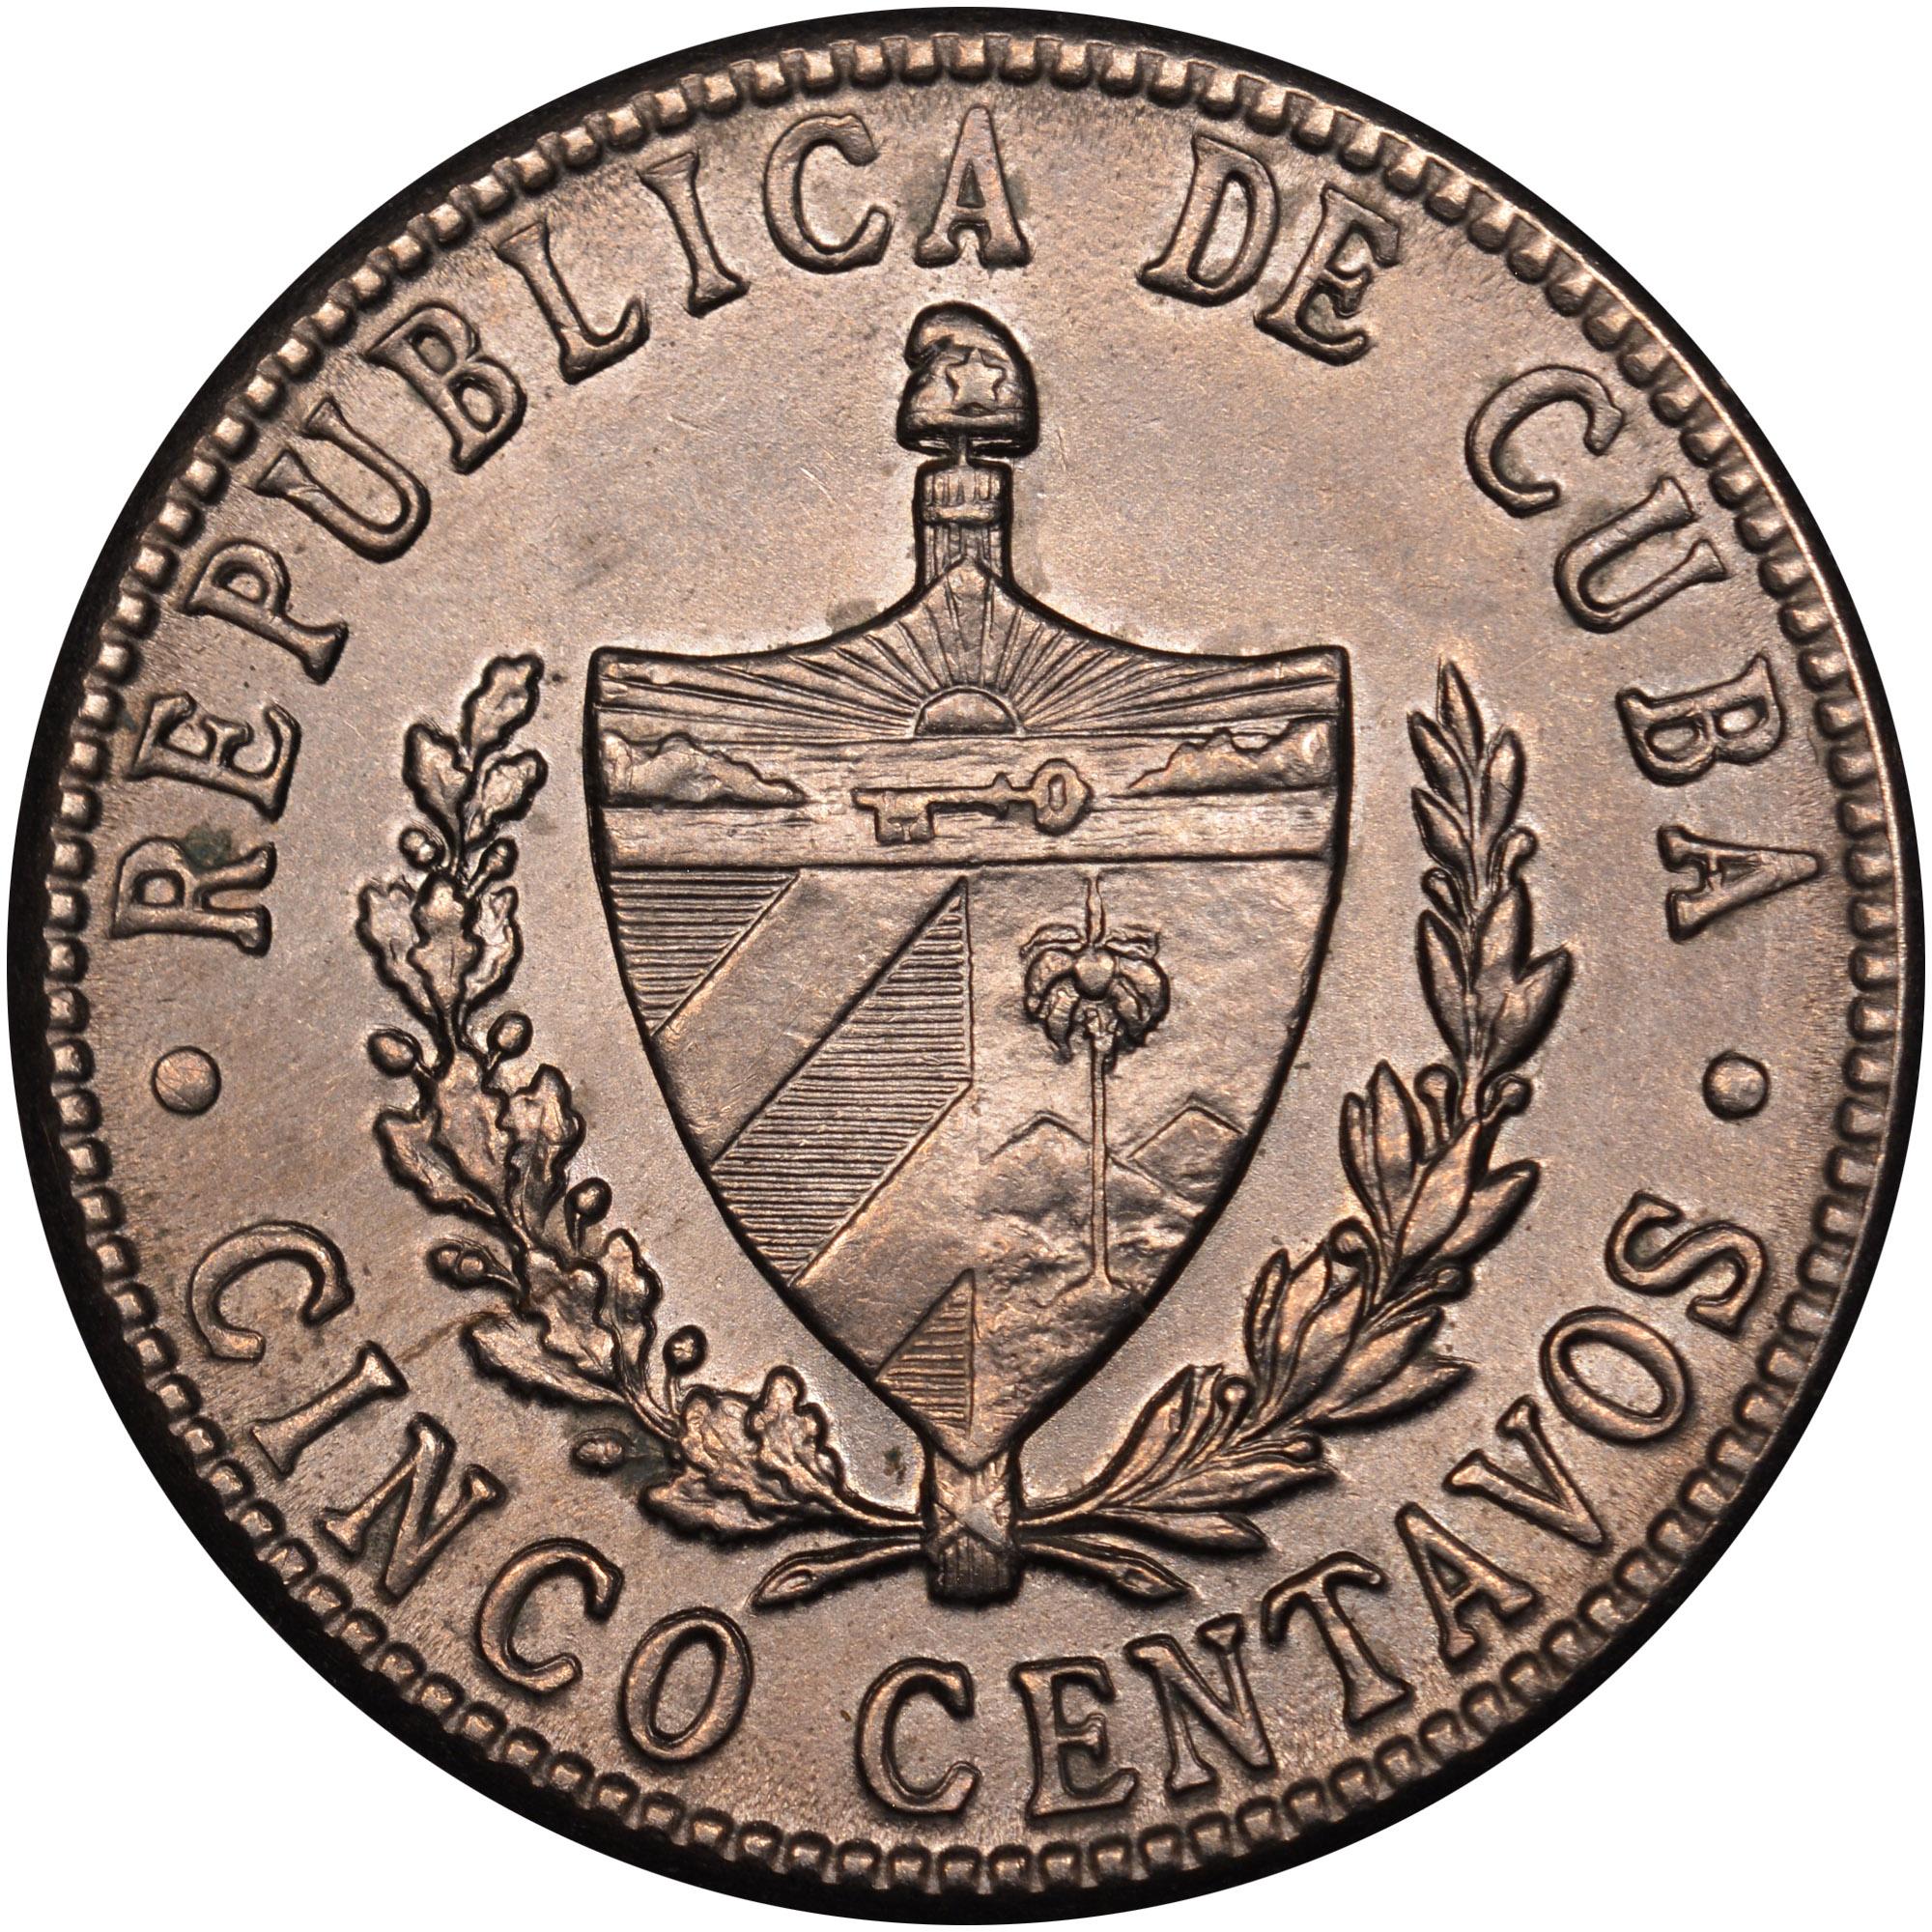 1946-1961 Cuba 5 Centavos obverse